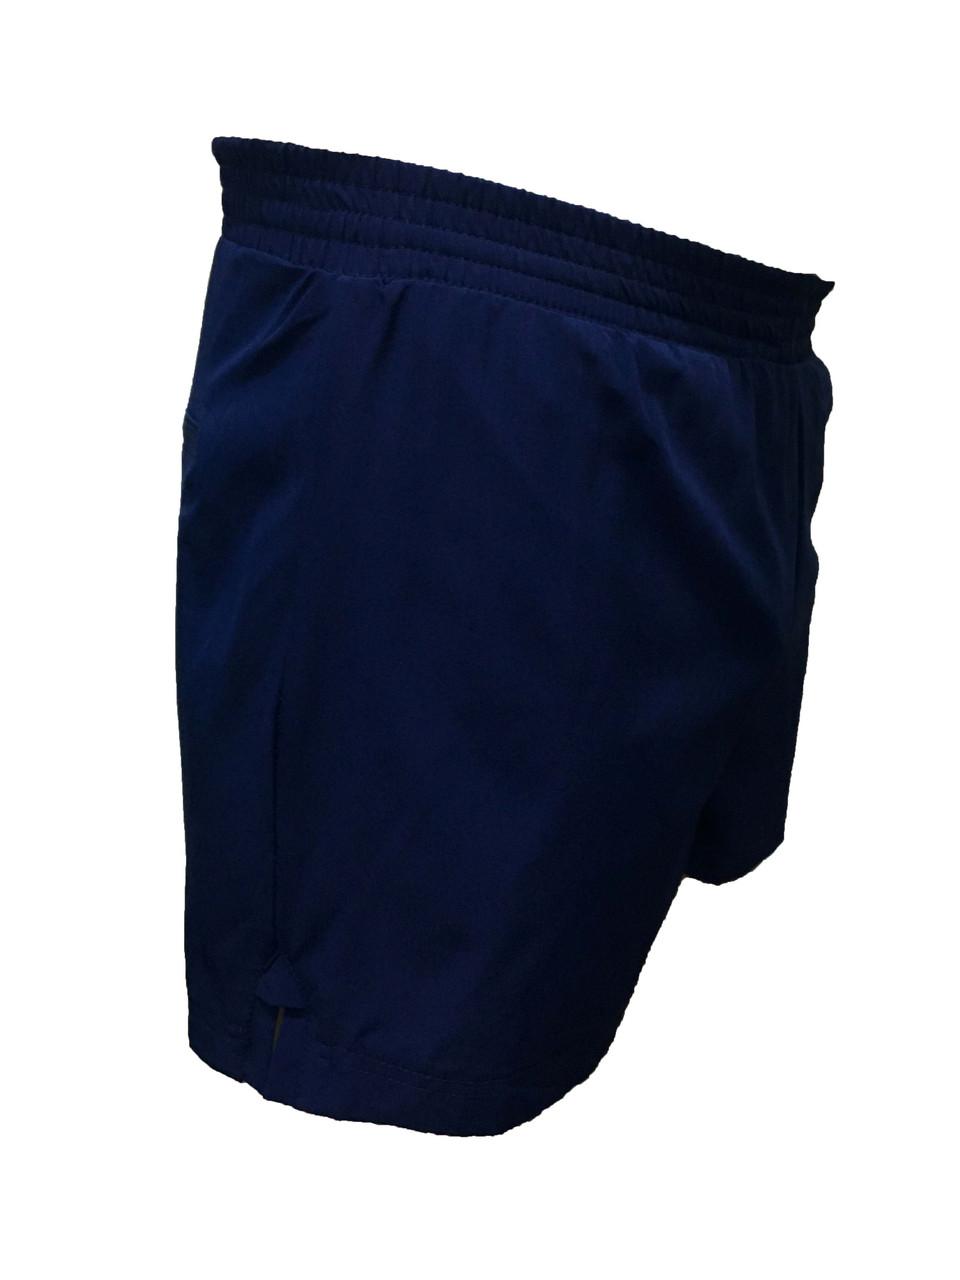 Мужские синие короткие шорты Adidas плавательные, 42 размер  (Реплика)